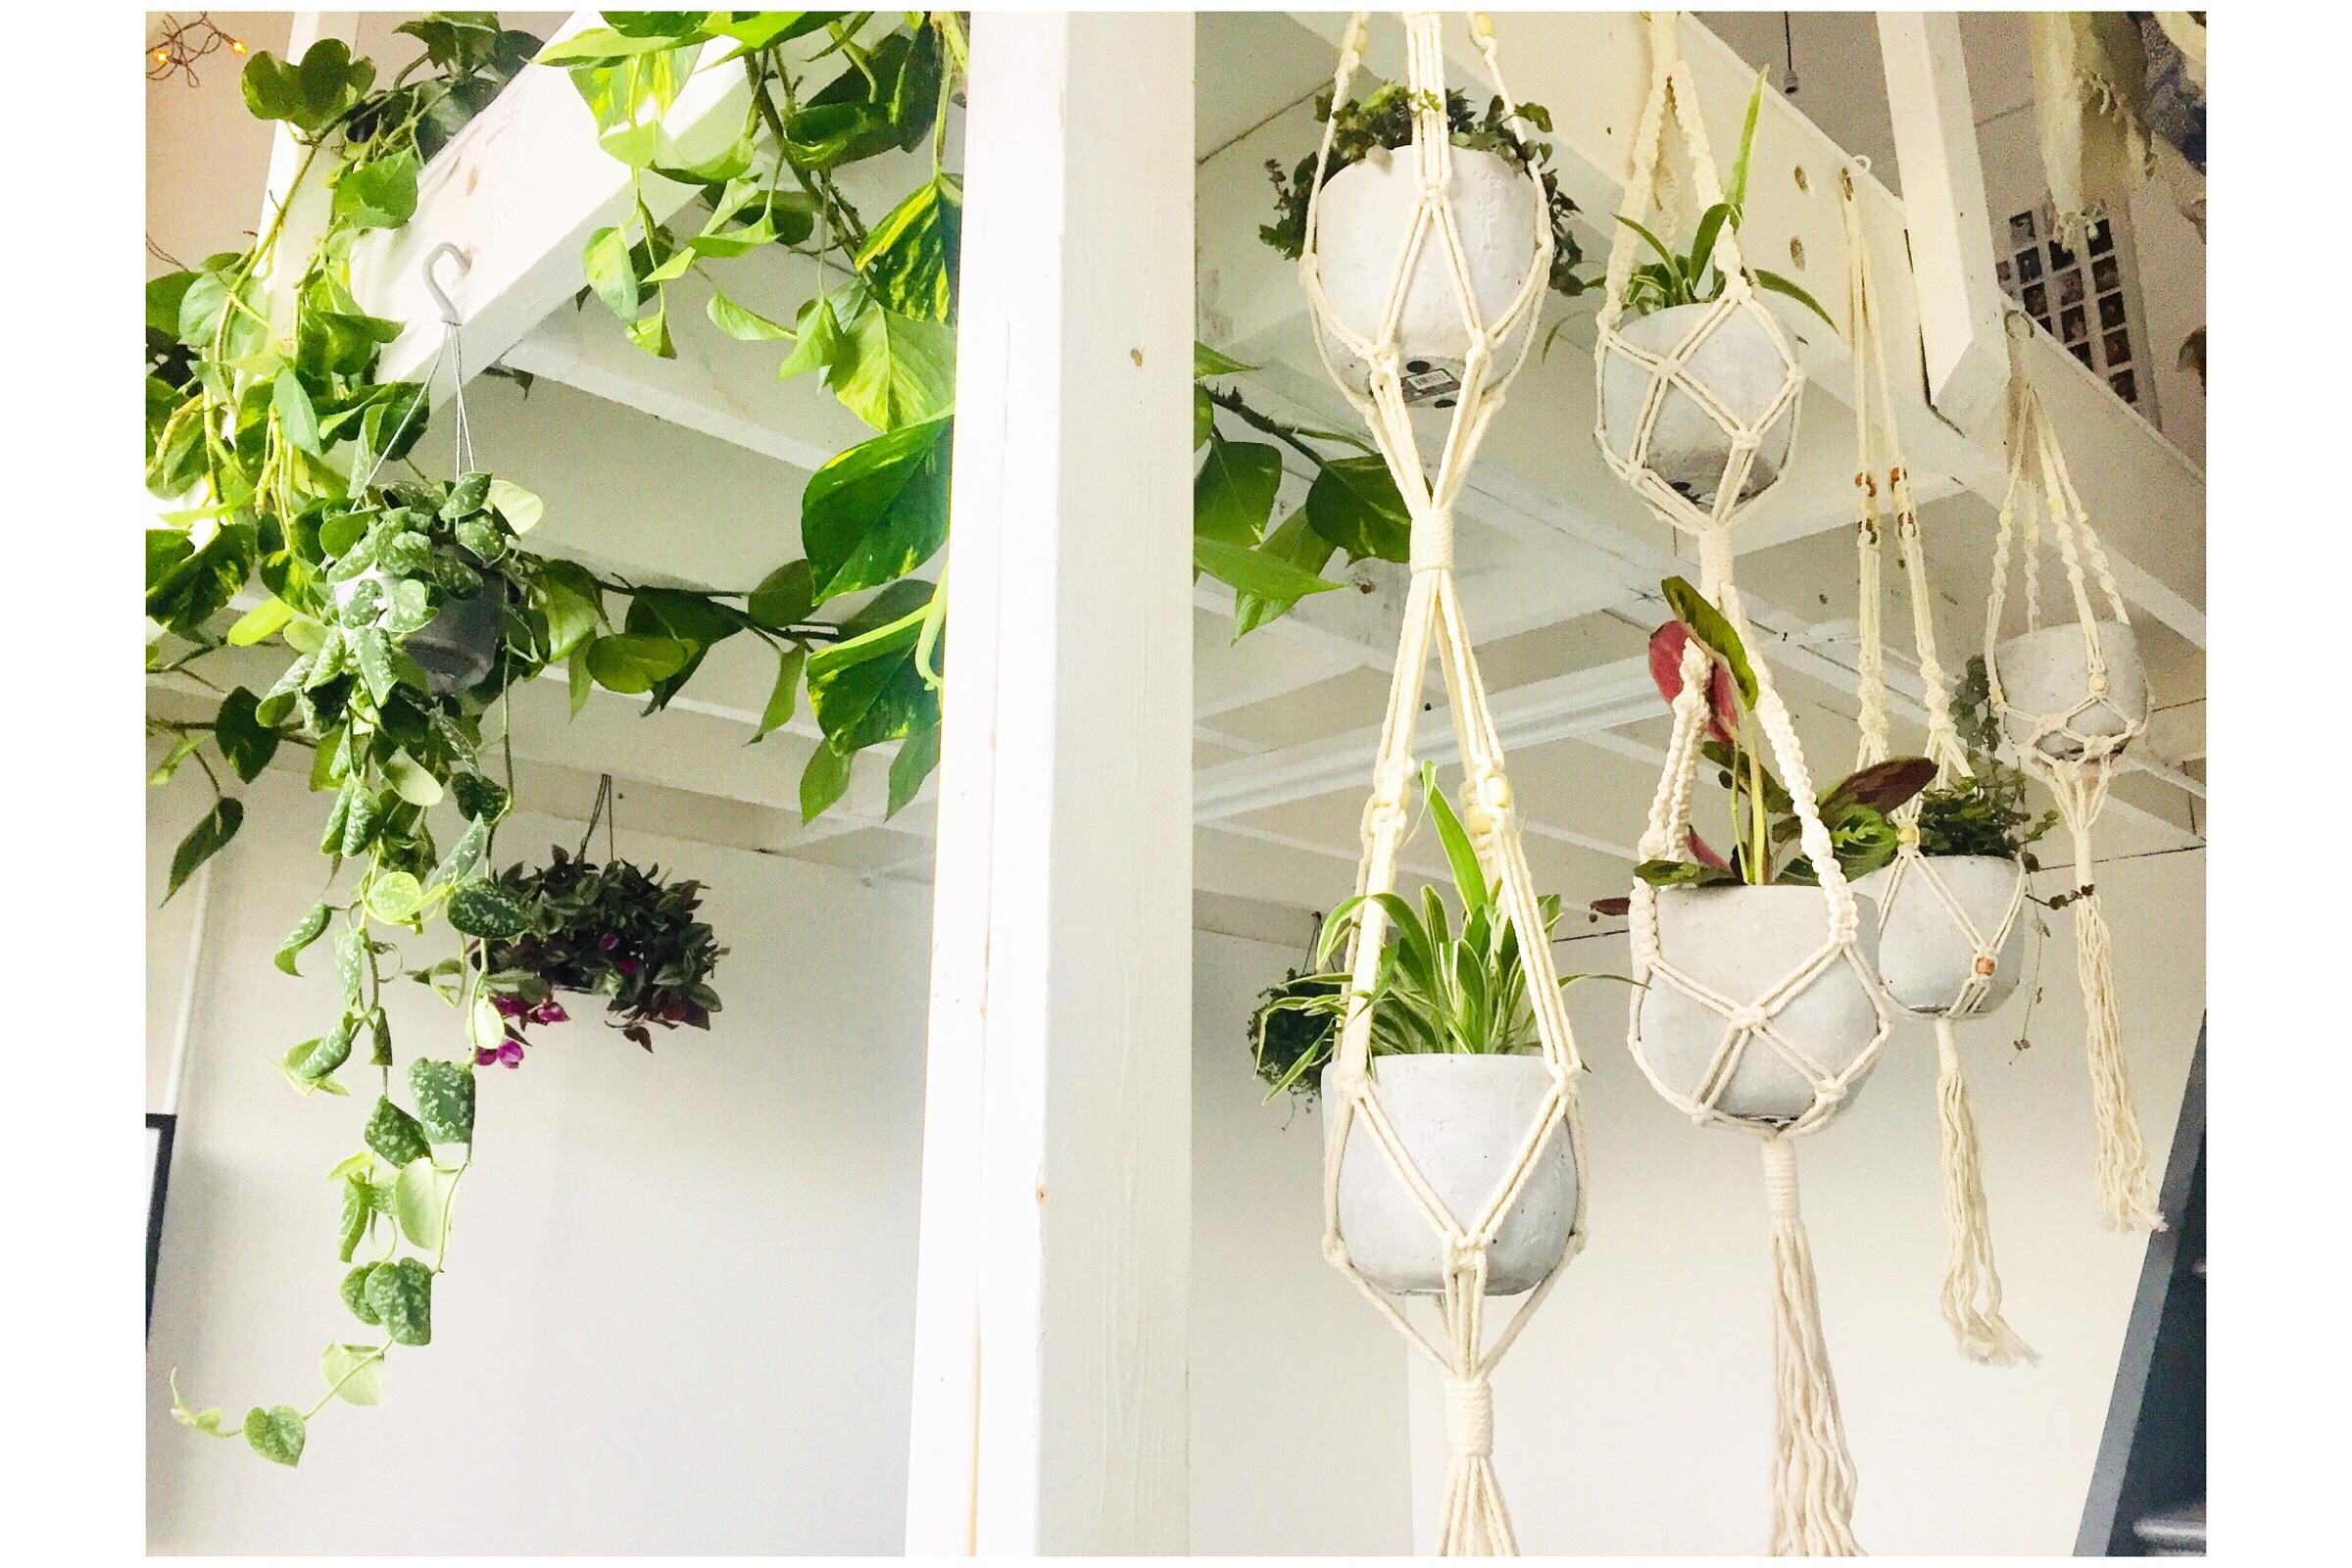 indoor plants, london plant, london plant installation, best indoor plants, small indoor plants, types of indoor plants, indoor plants uk, large indoor plants for sale